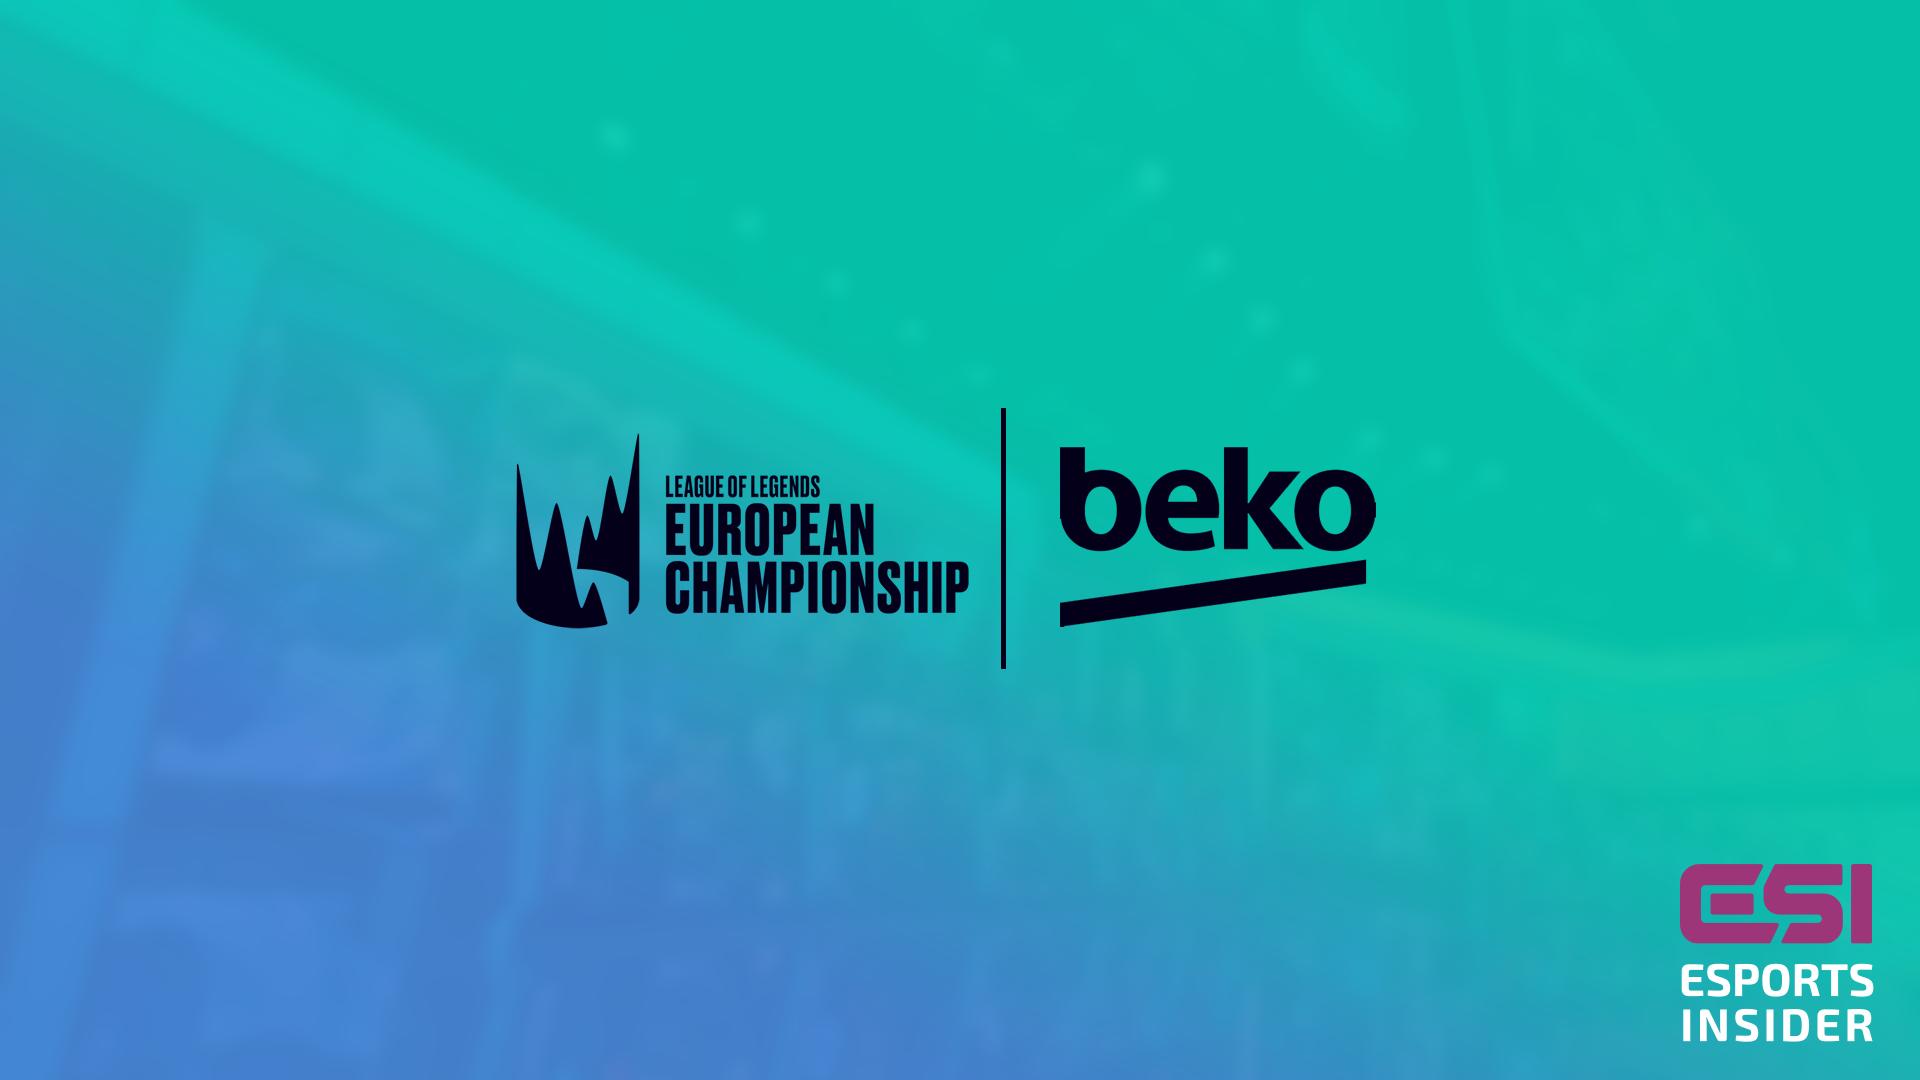 LEC Beko Partnership